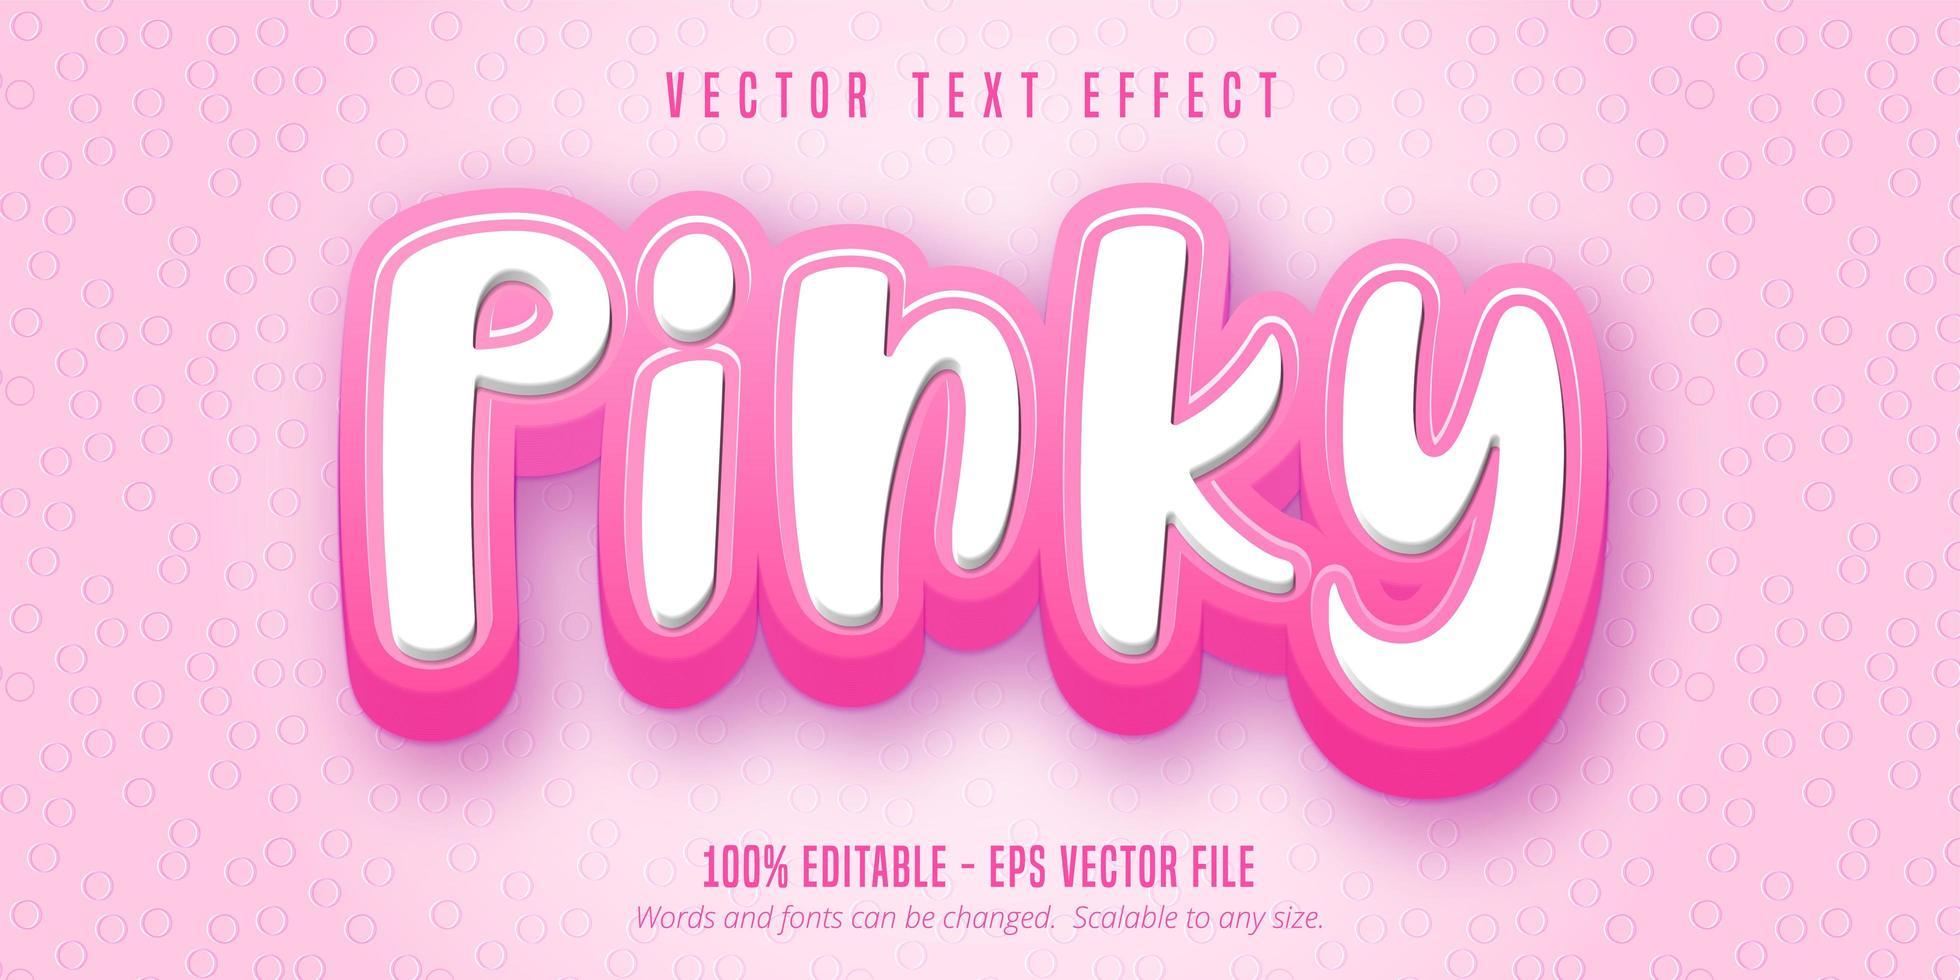 texte pinky, effet de texte de style dessin animé vecteur